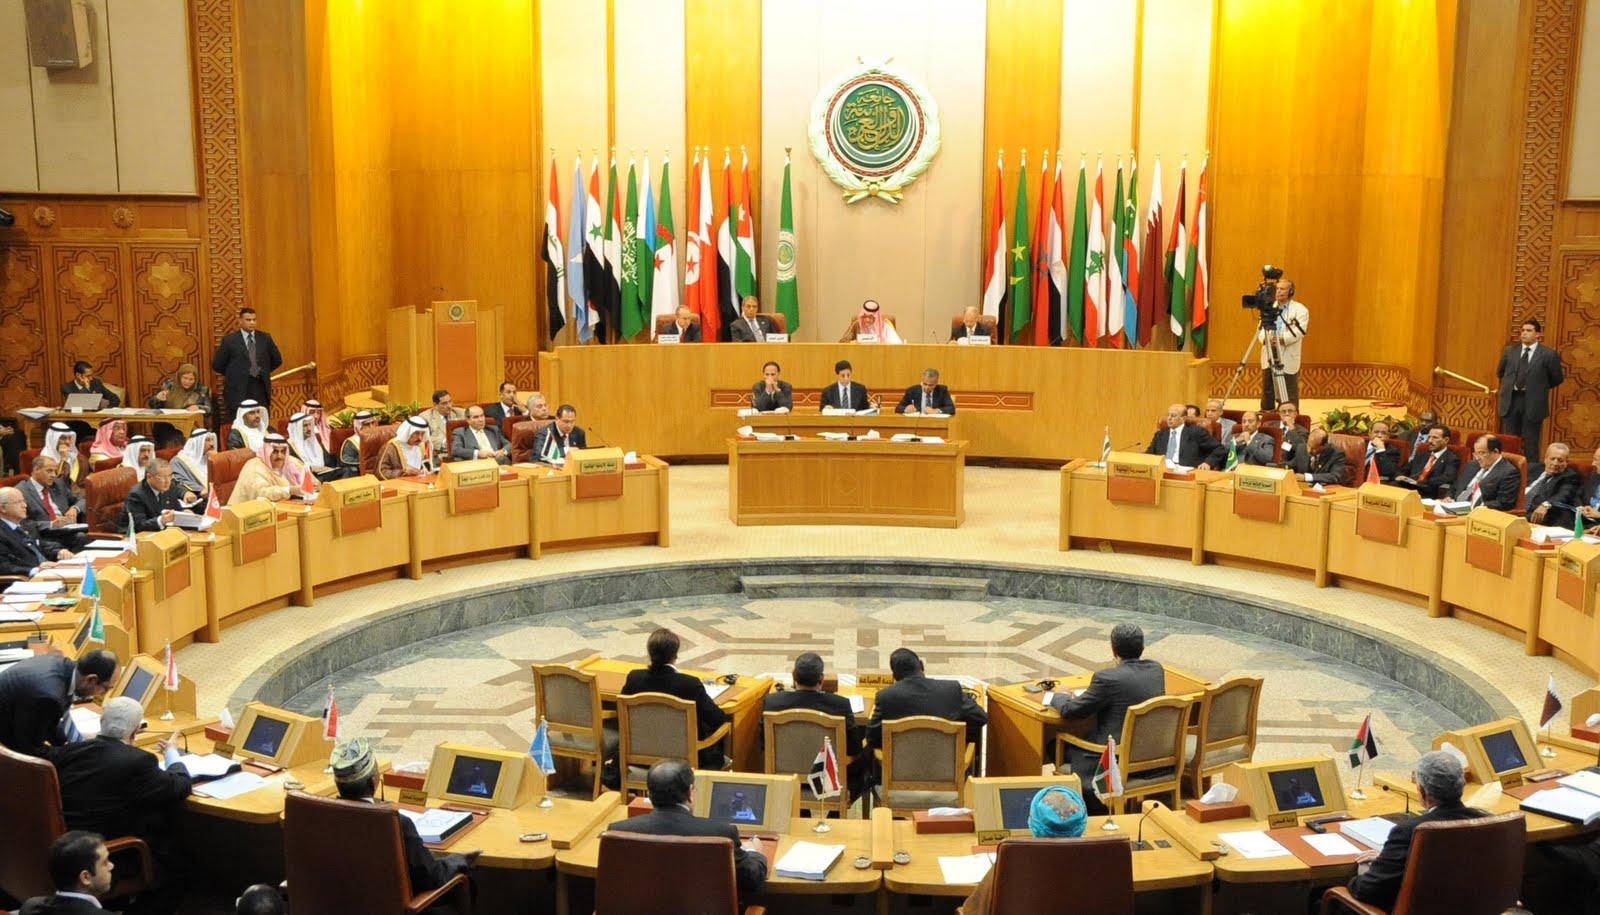 الجامعة العربية تعمم على الدول الأعضاء دعوة لعقد قمة عربية طارئة